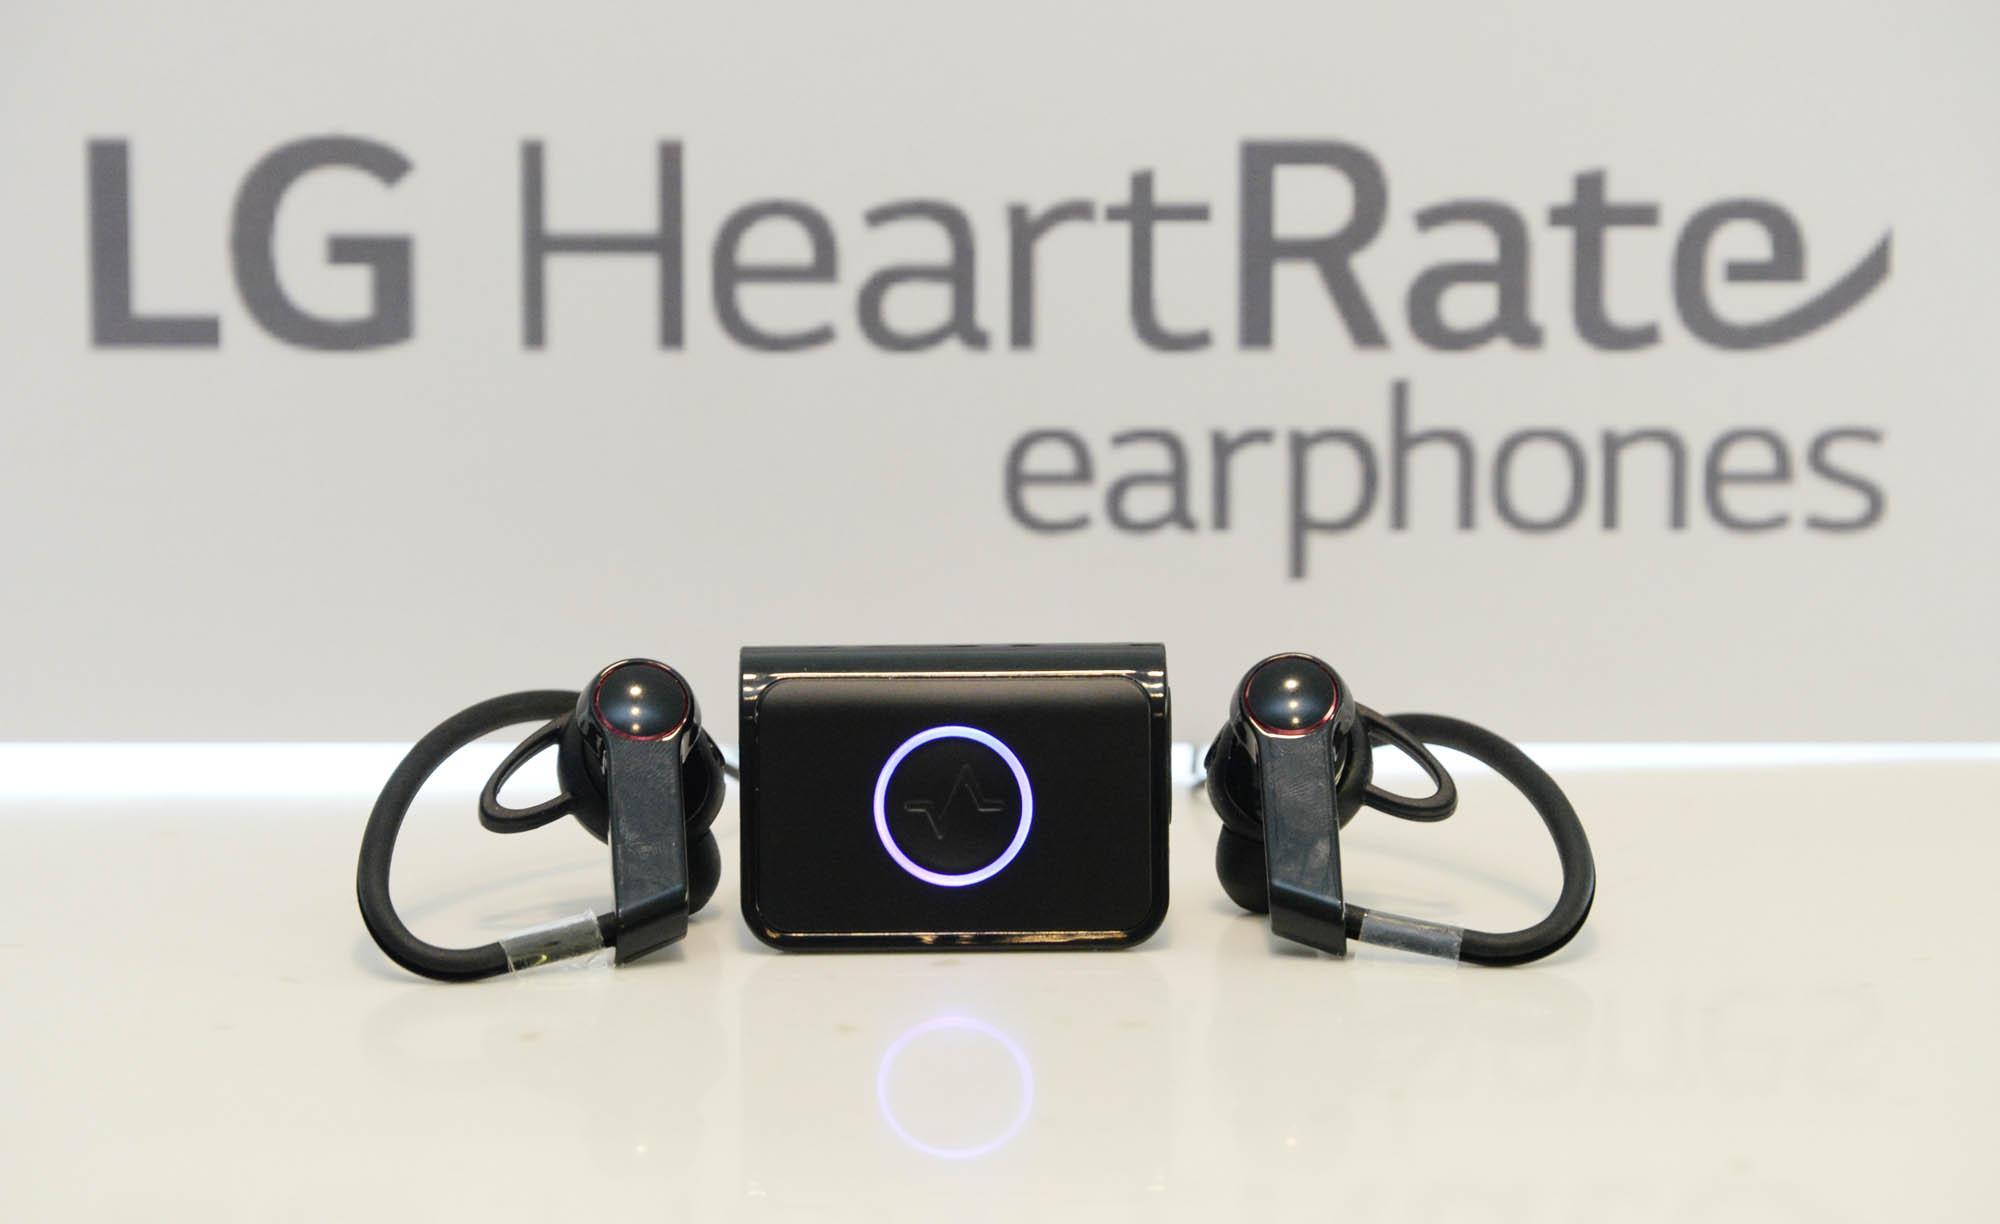 LG начинает продажи Bluetooth-наушников с пульсометром и фитнес-браслета